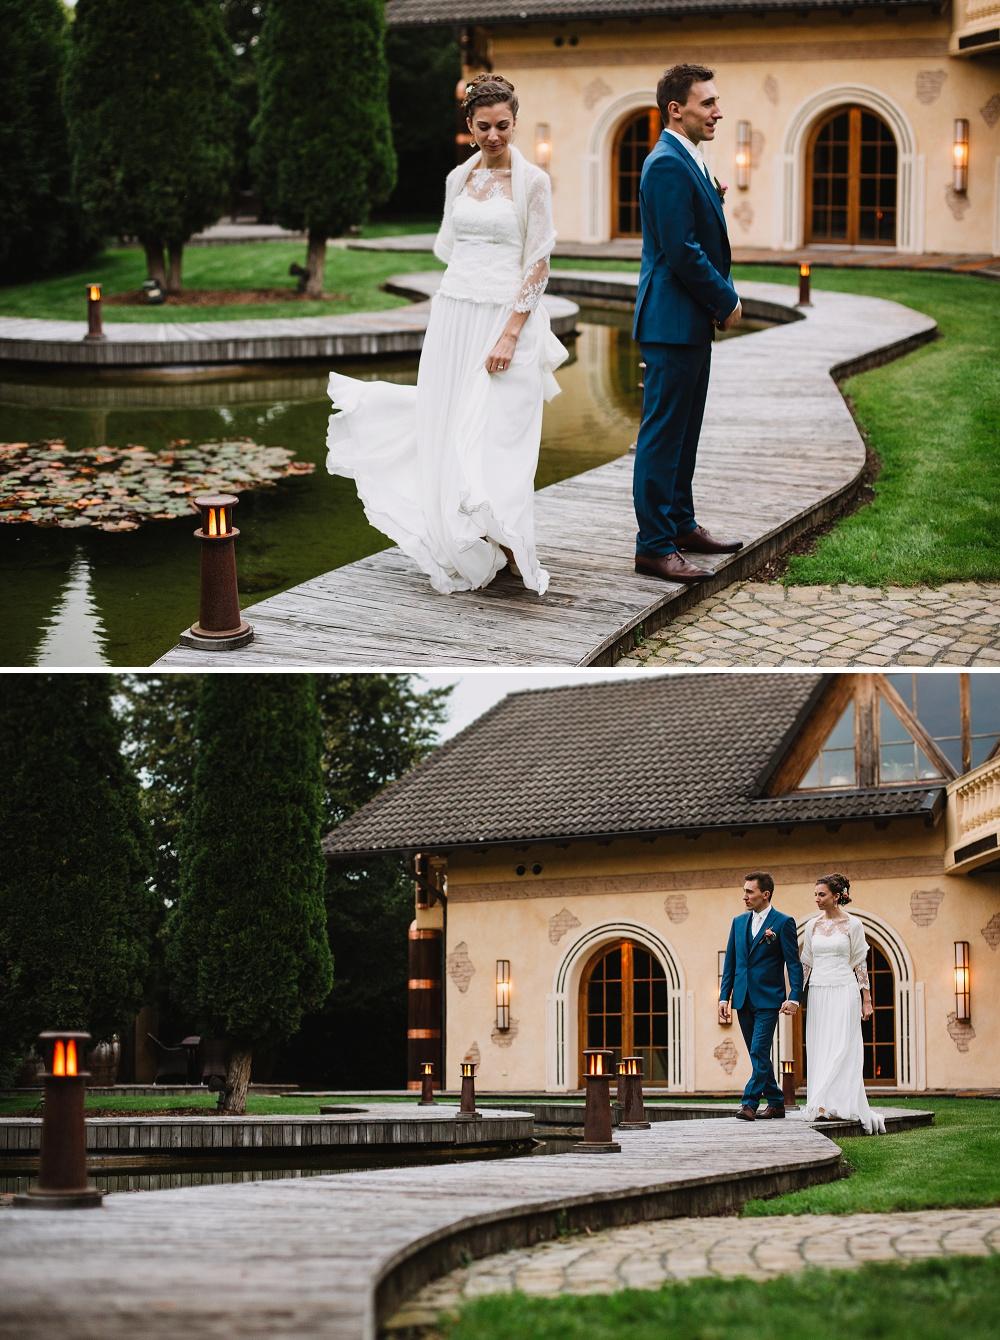 mariage-allemagne-molino-18.jpg